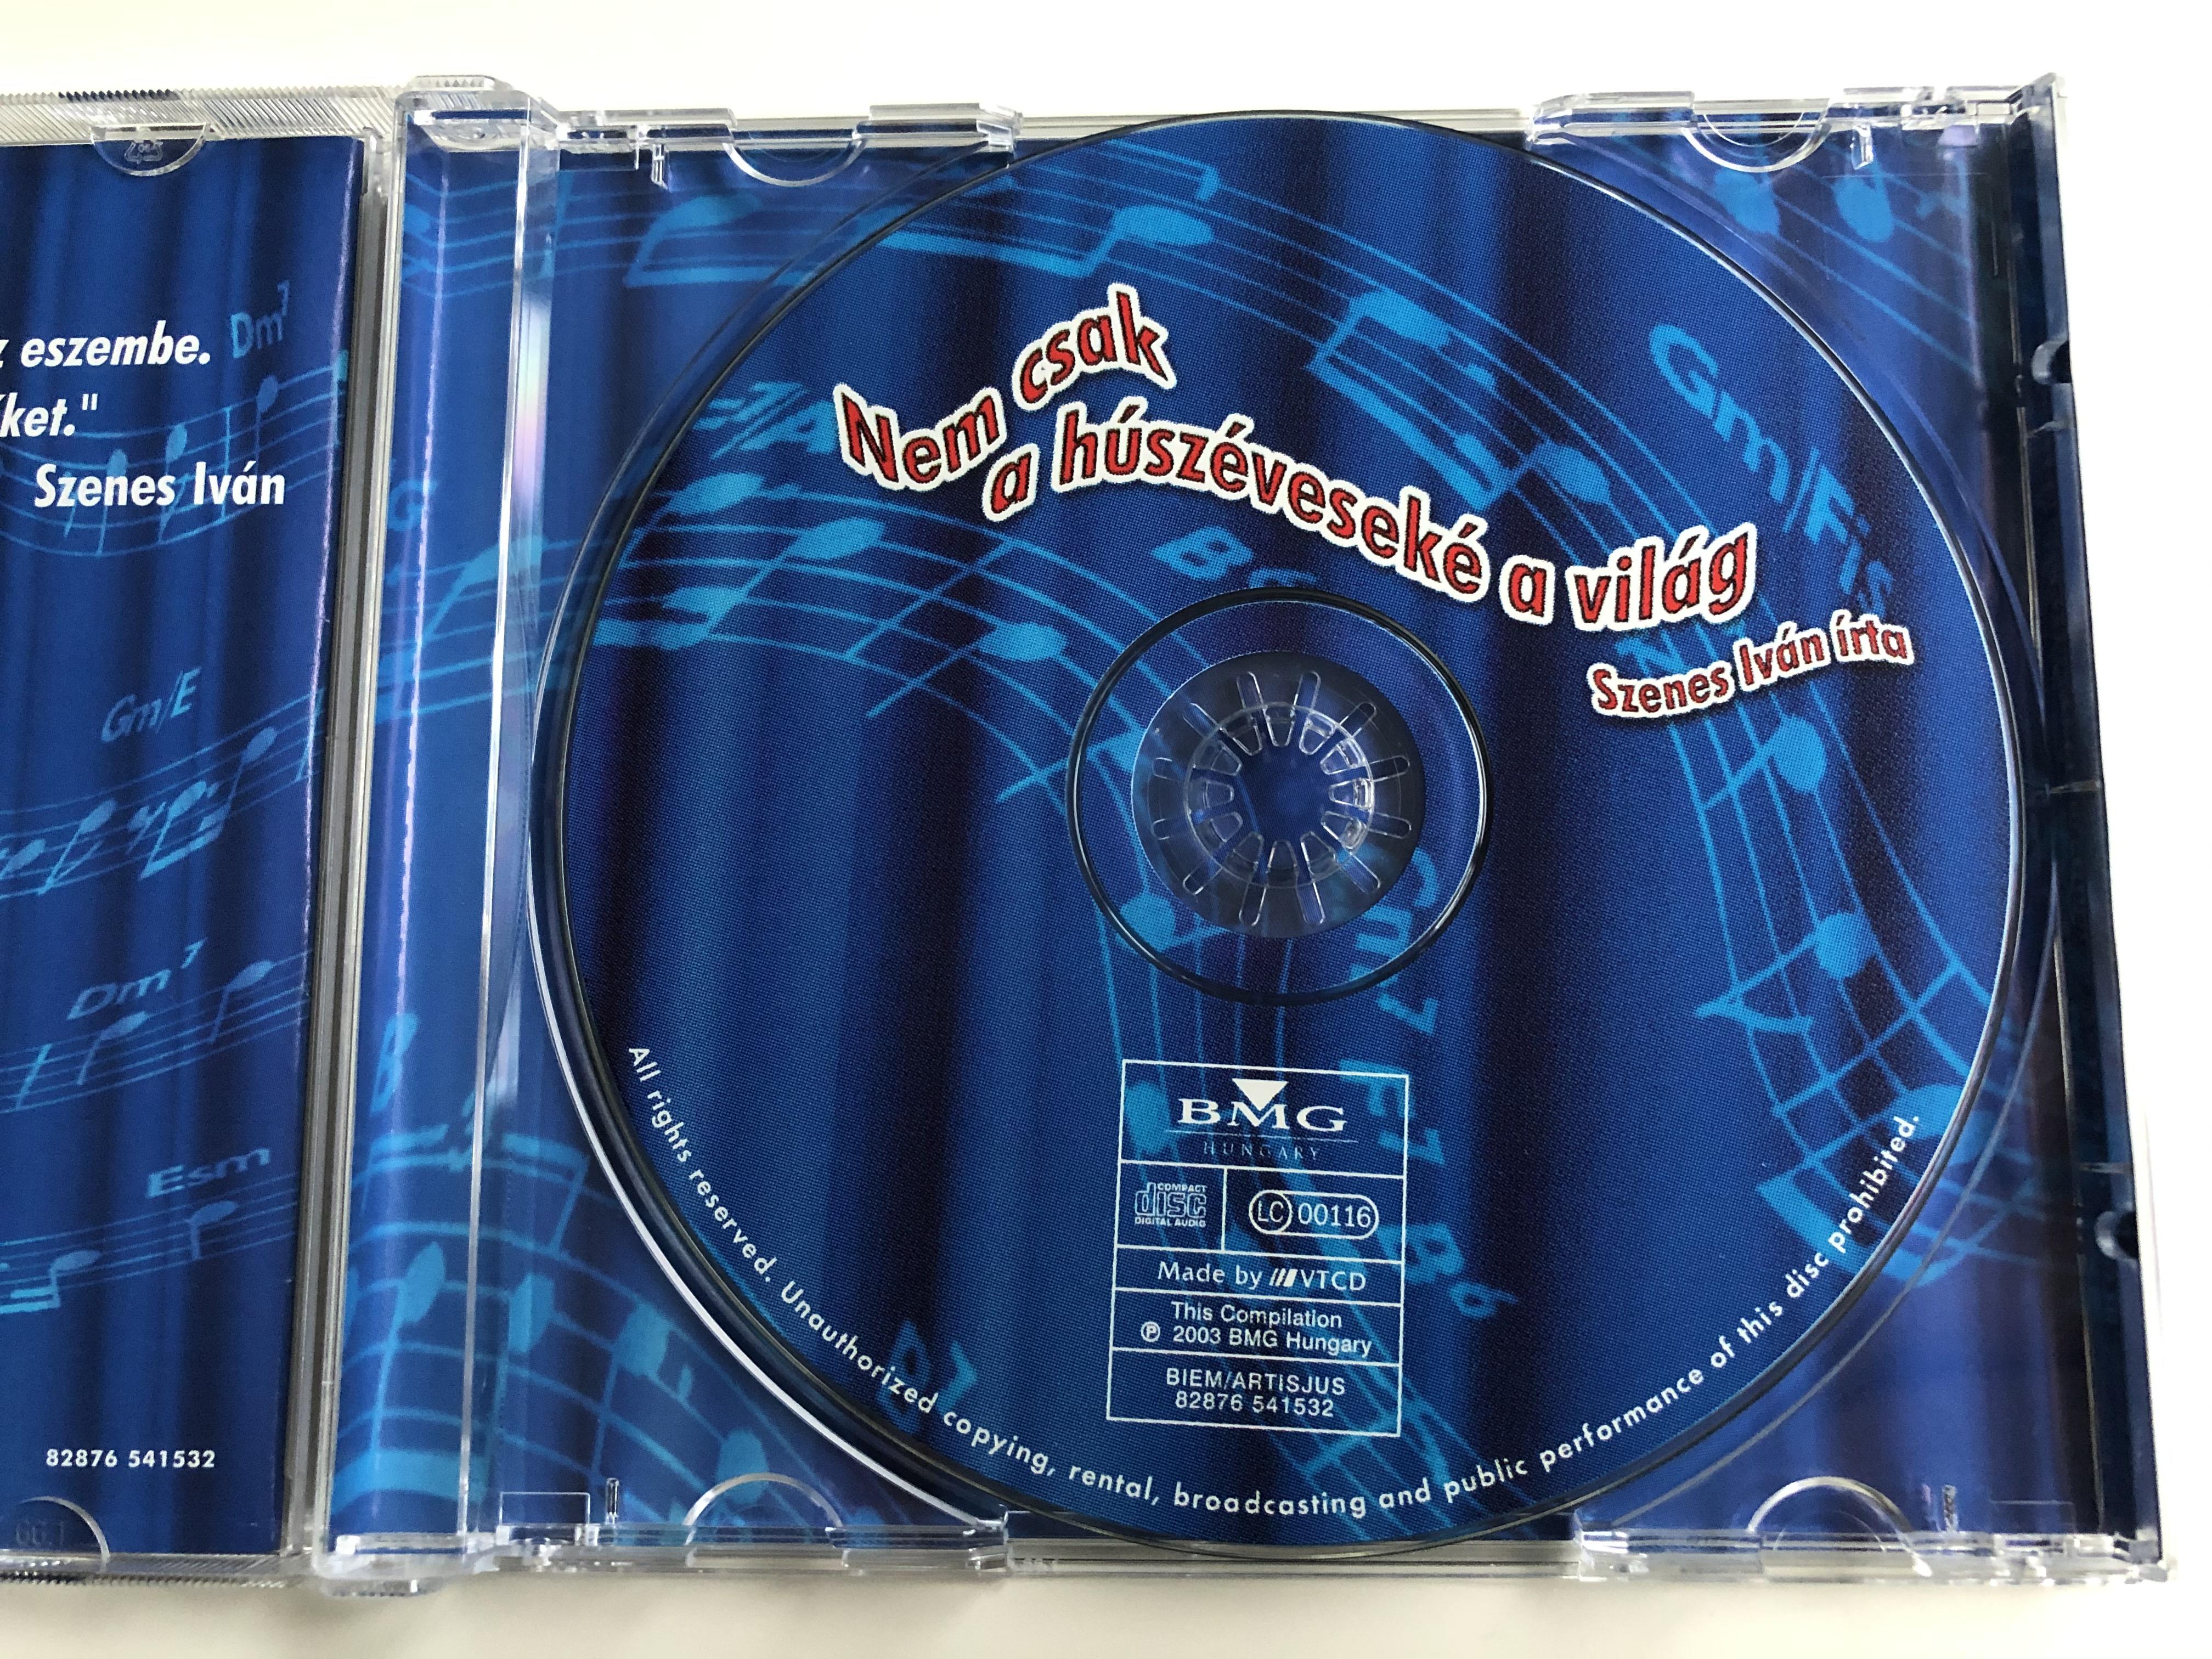 nem-csak-a-h-sz-vesek-a-vil-g-szenes-iv-n-rta-bmg-hungary-audio-cd-2003-82876-541532-4-.jpg